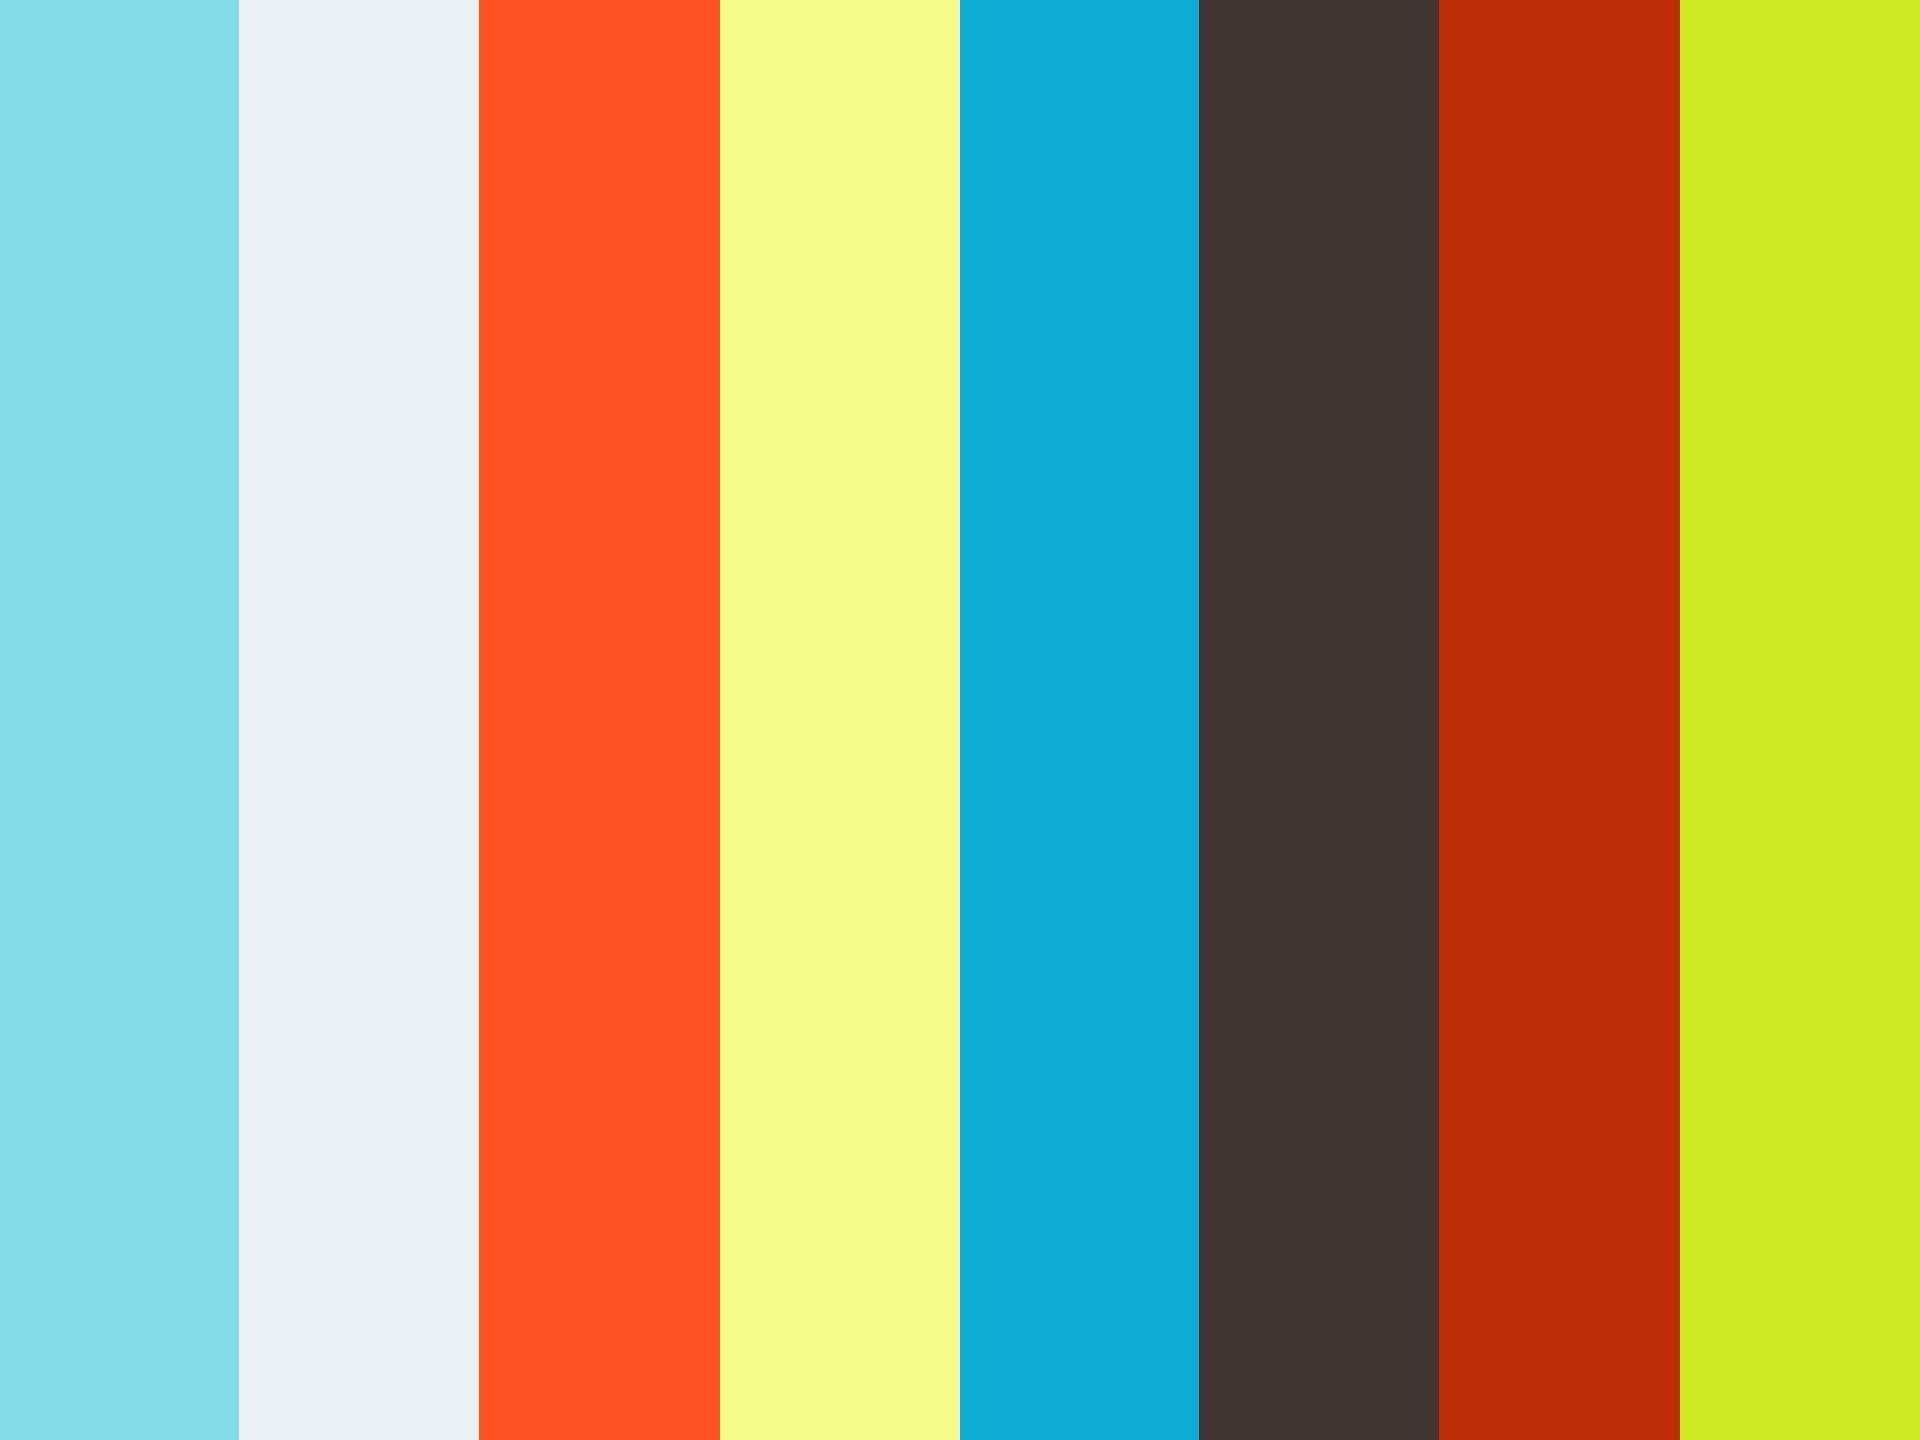 Голосовые поздравления от Жириновского с Днем Рождения по 30